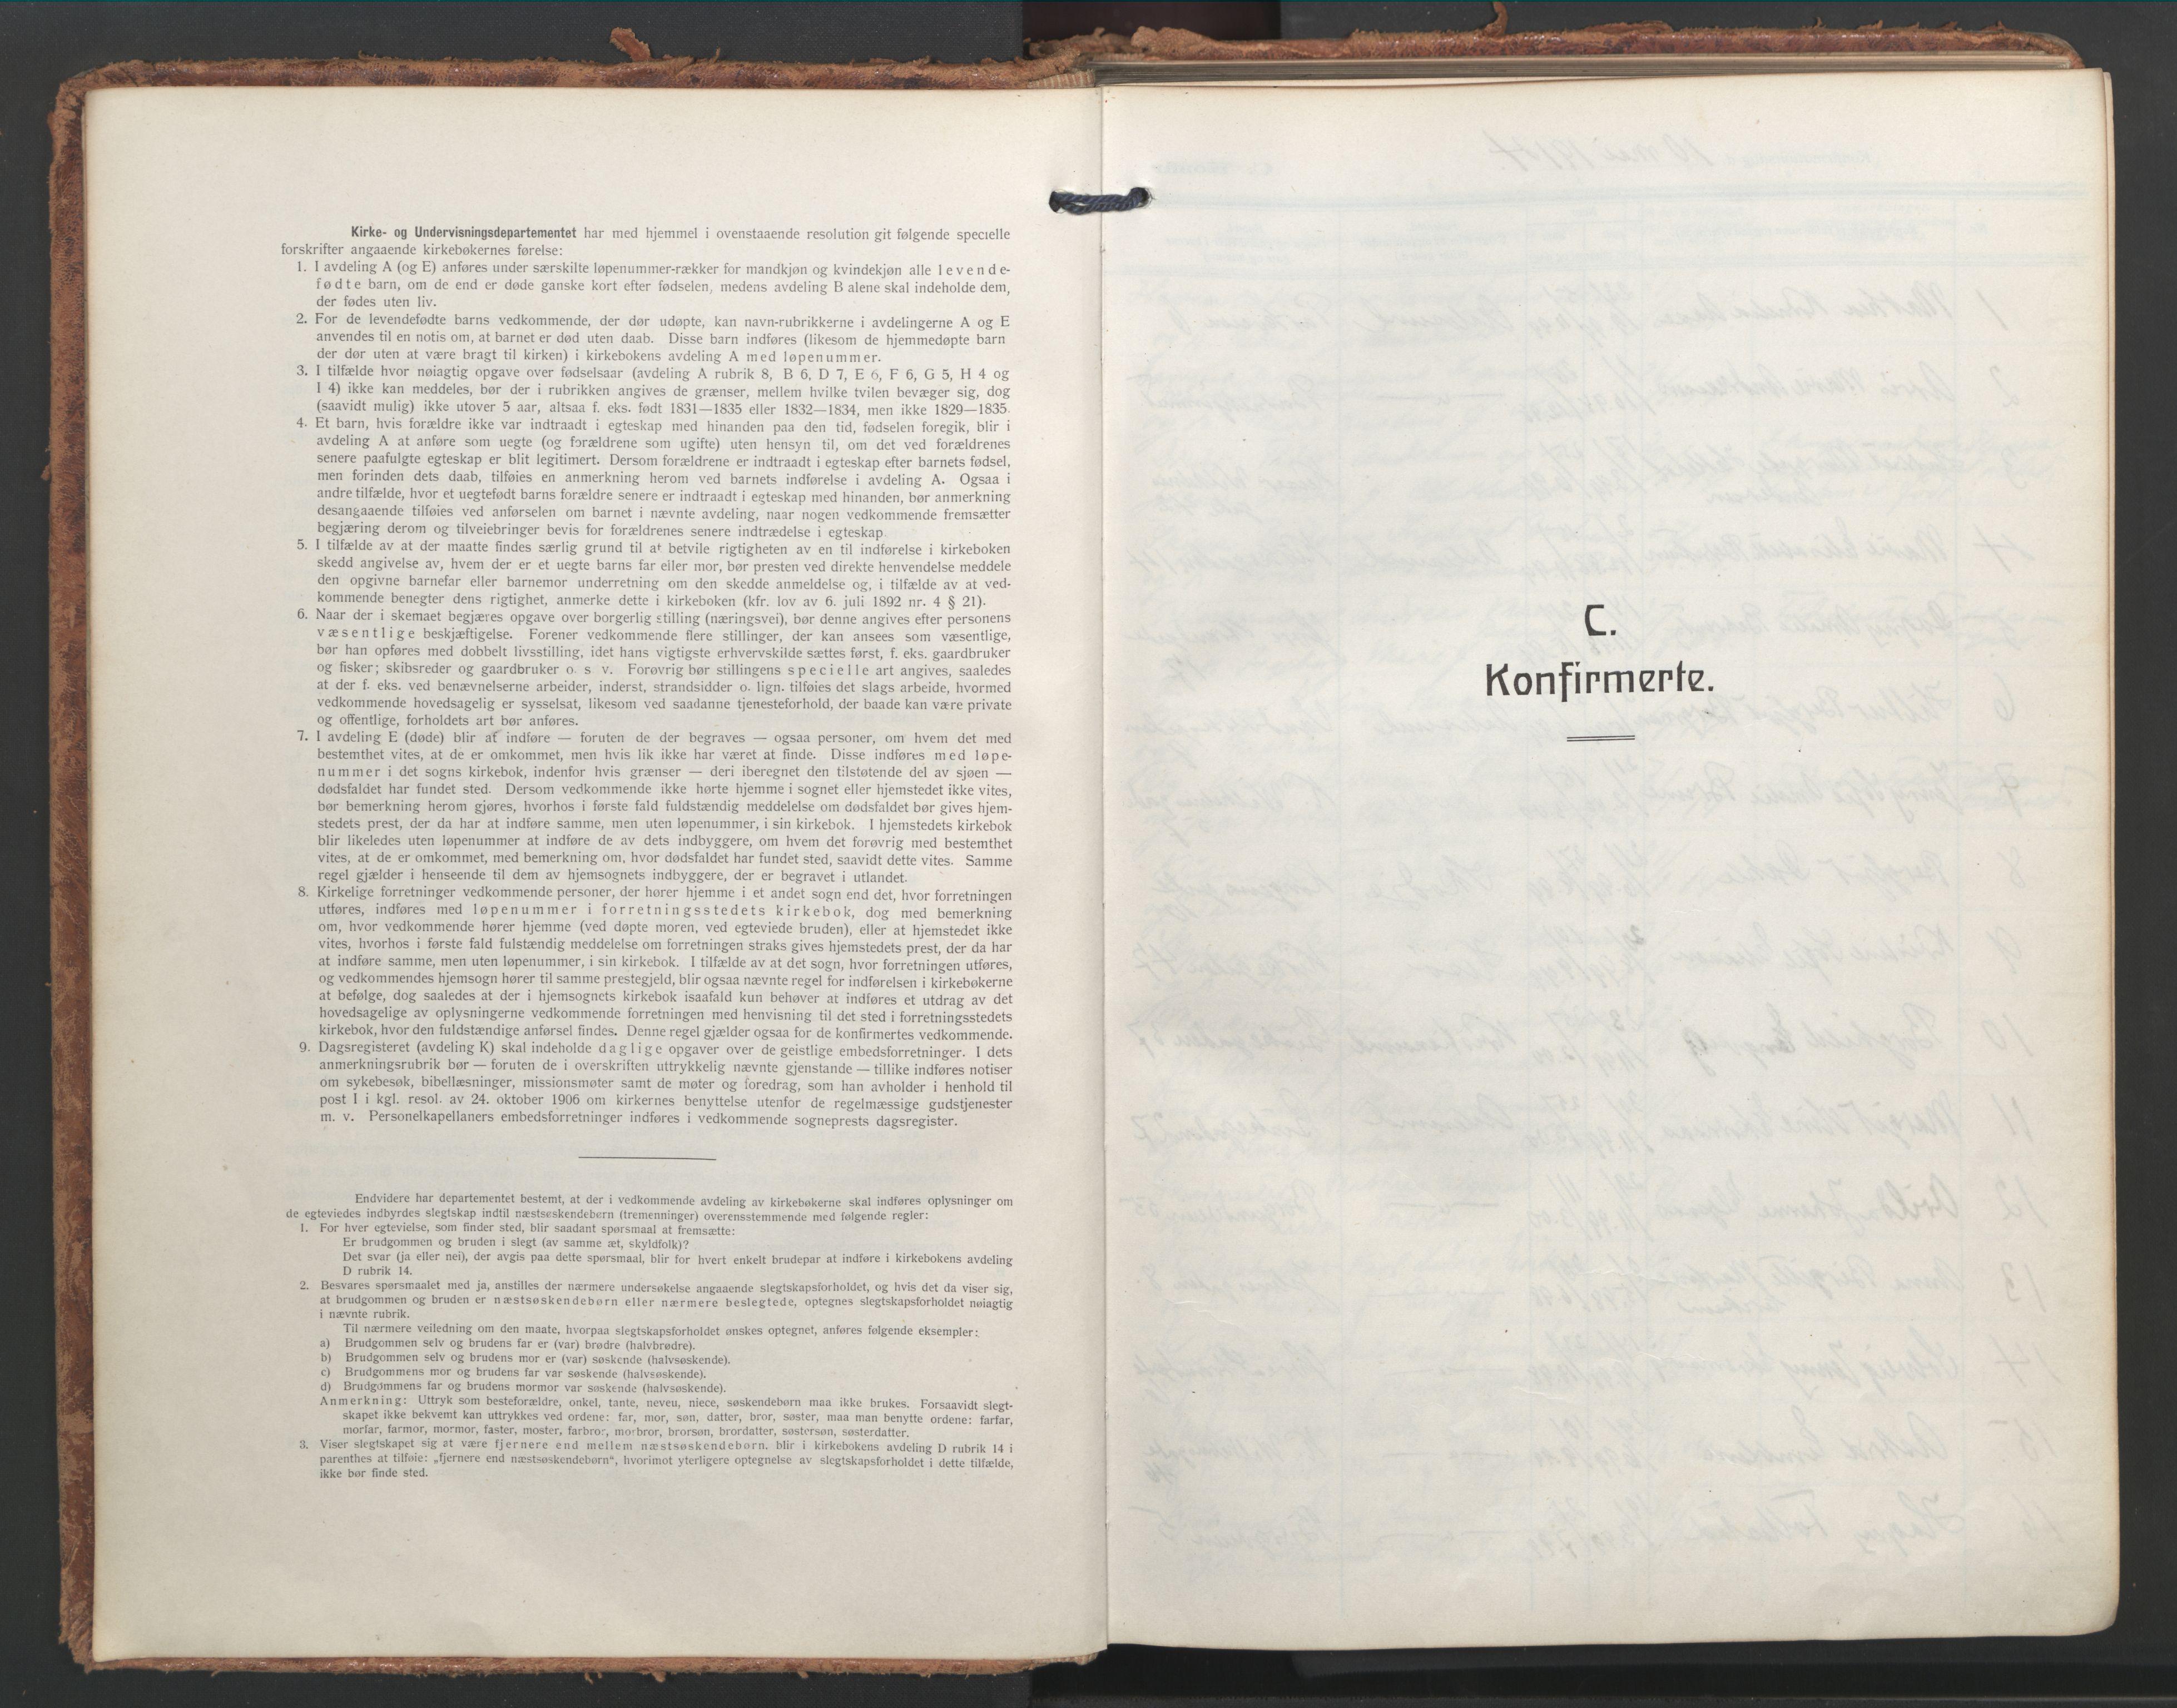 SAT, Ministerialprotokoller, klokkerbøker og fødselsregistre - Møre og Romsdal, 529/L0461: Ministerialbok nr. 529A11, 1914-1925